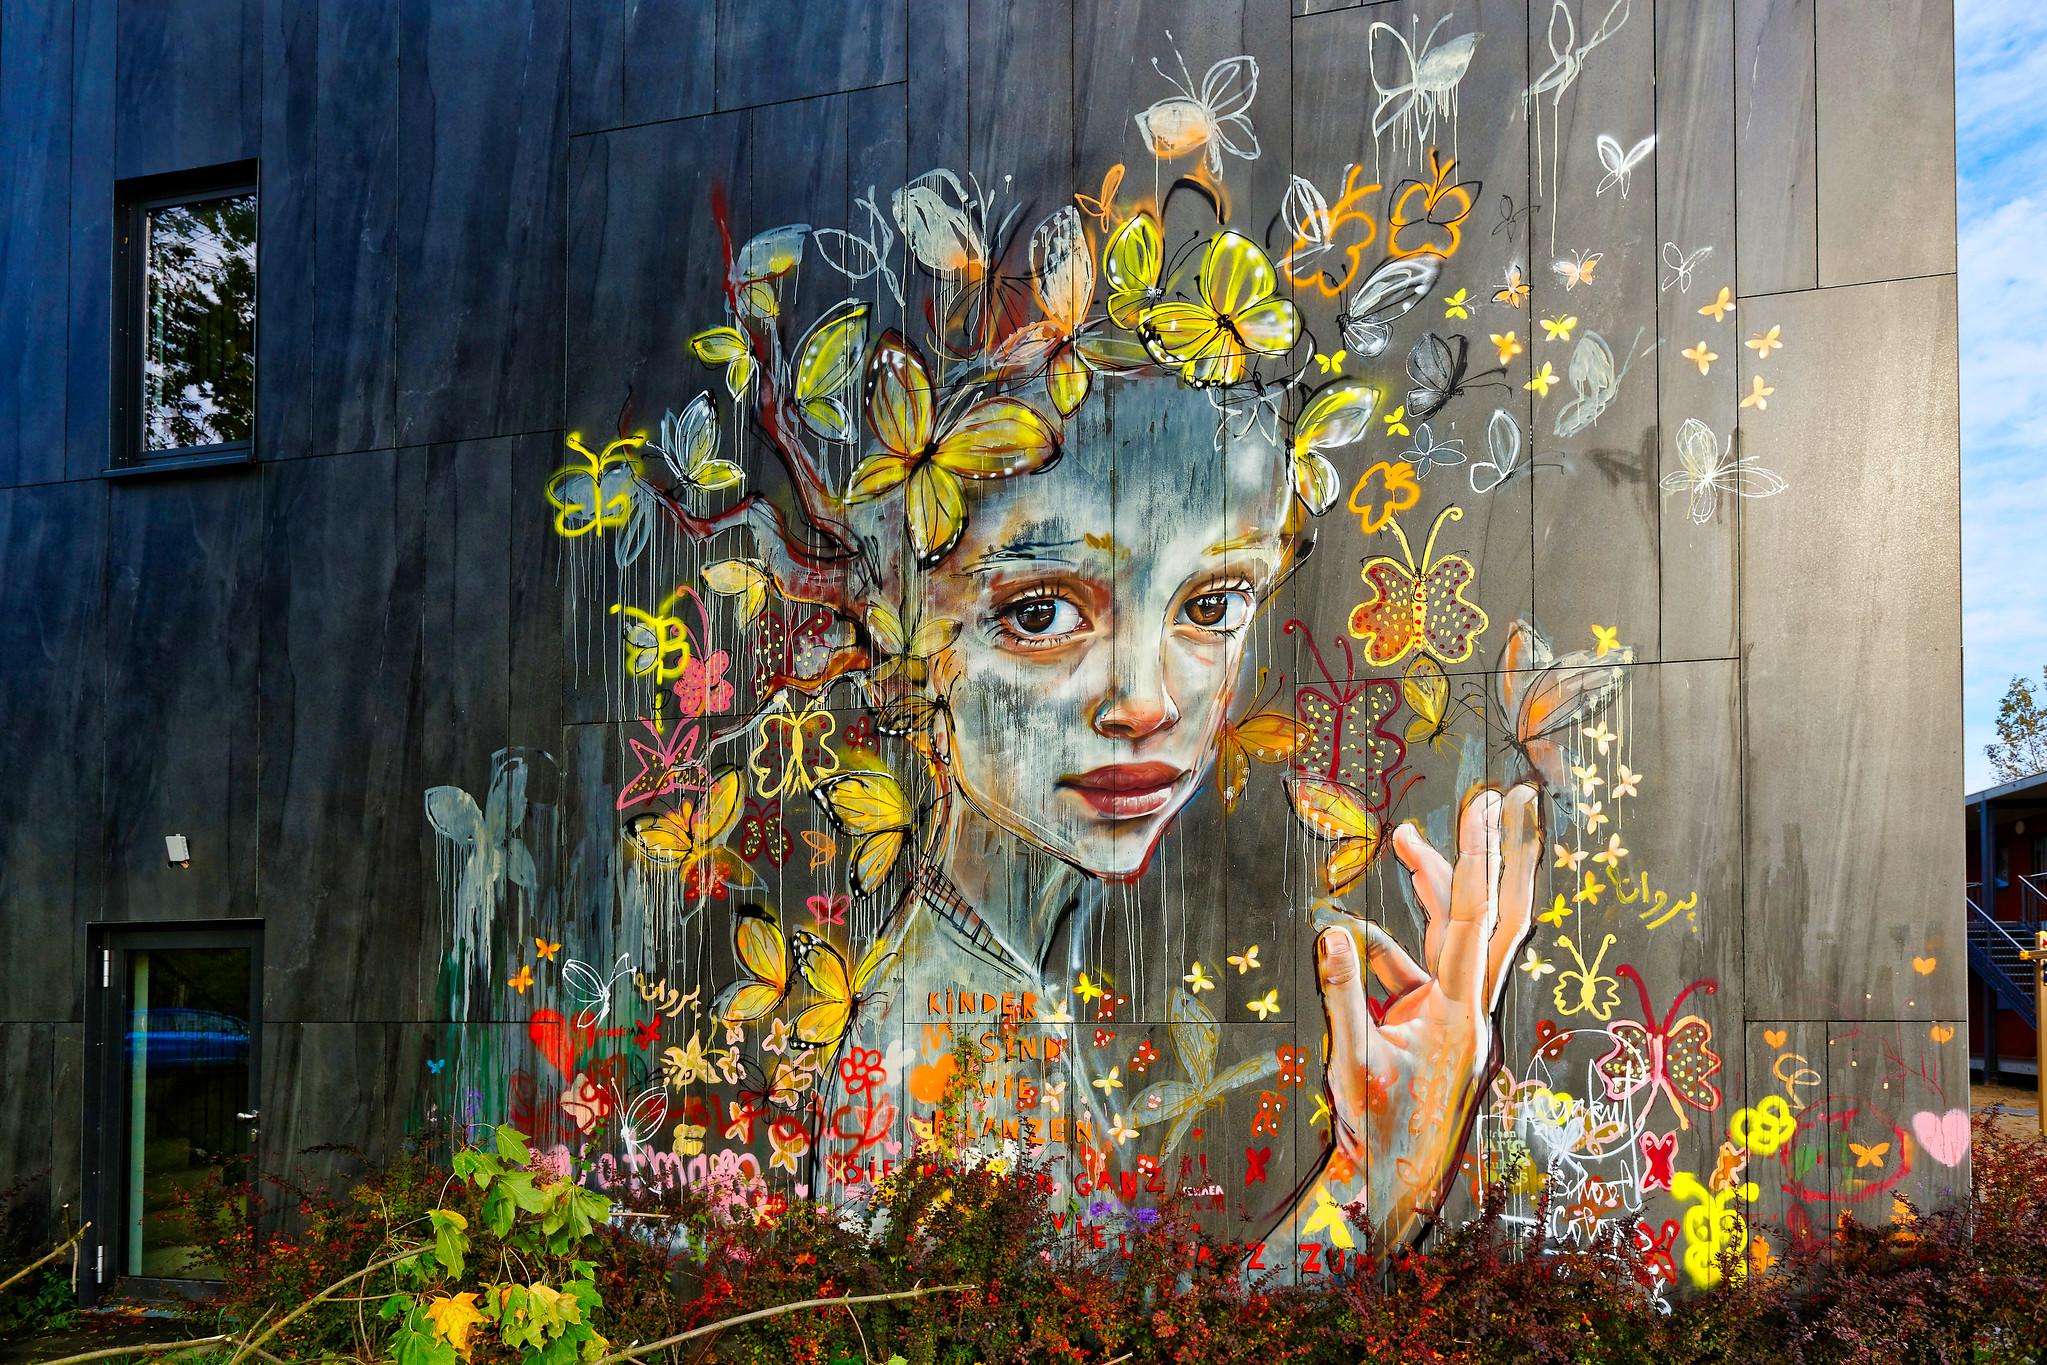 Street Art by Herakut in Berlin, Germany (3 photos) – STREET ART UTOPIA